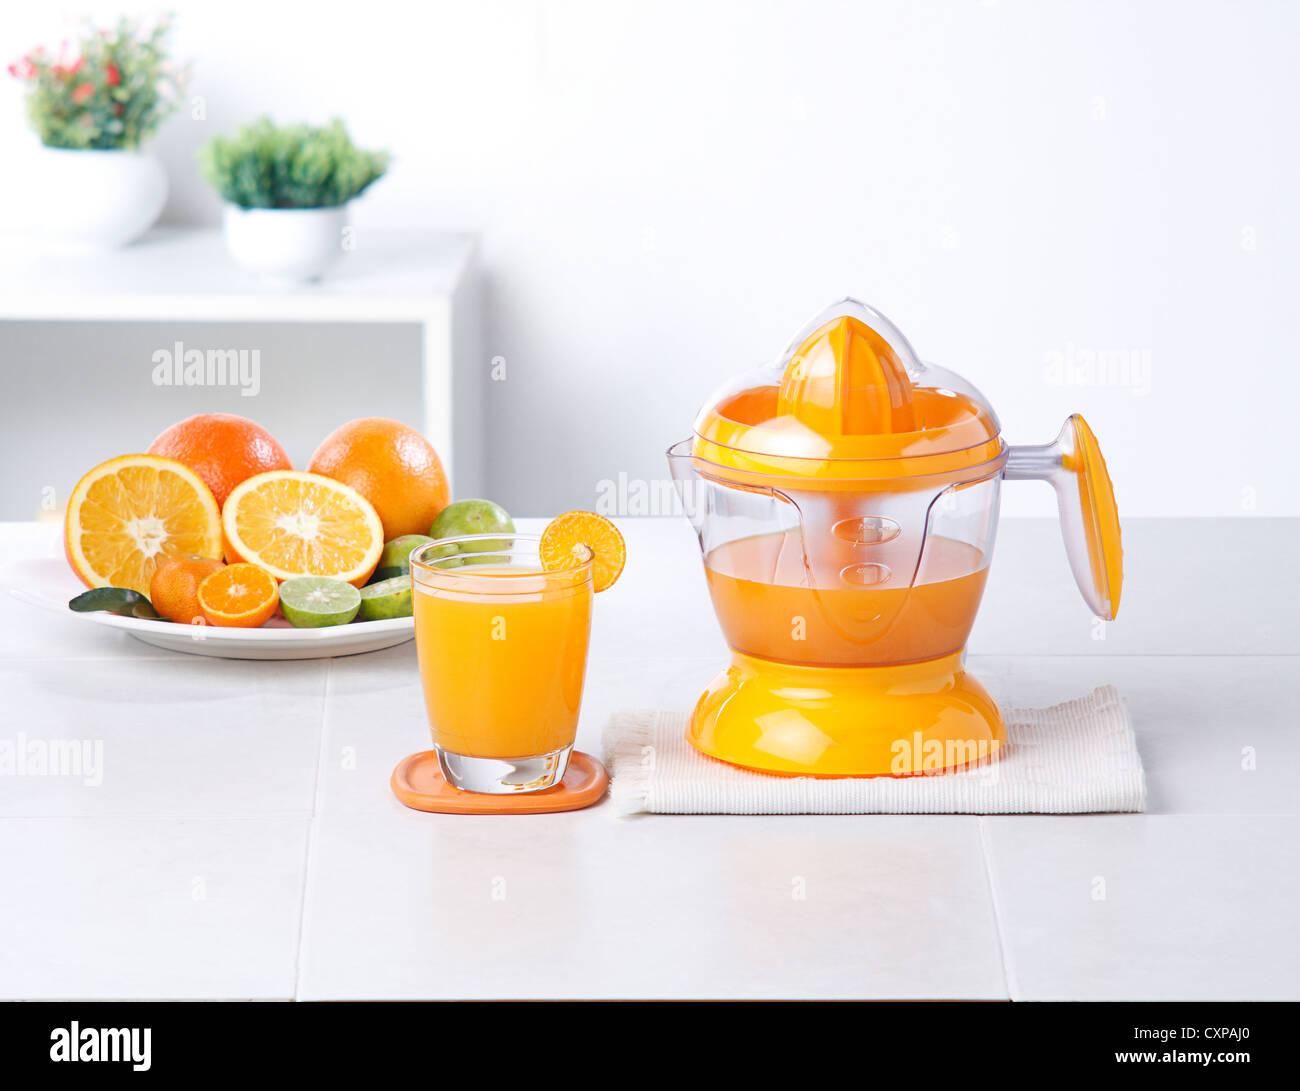 Outil de cuisine mélangeur de jus d'Orange Photo Stock